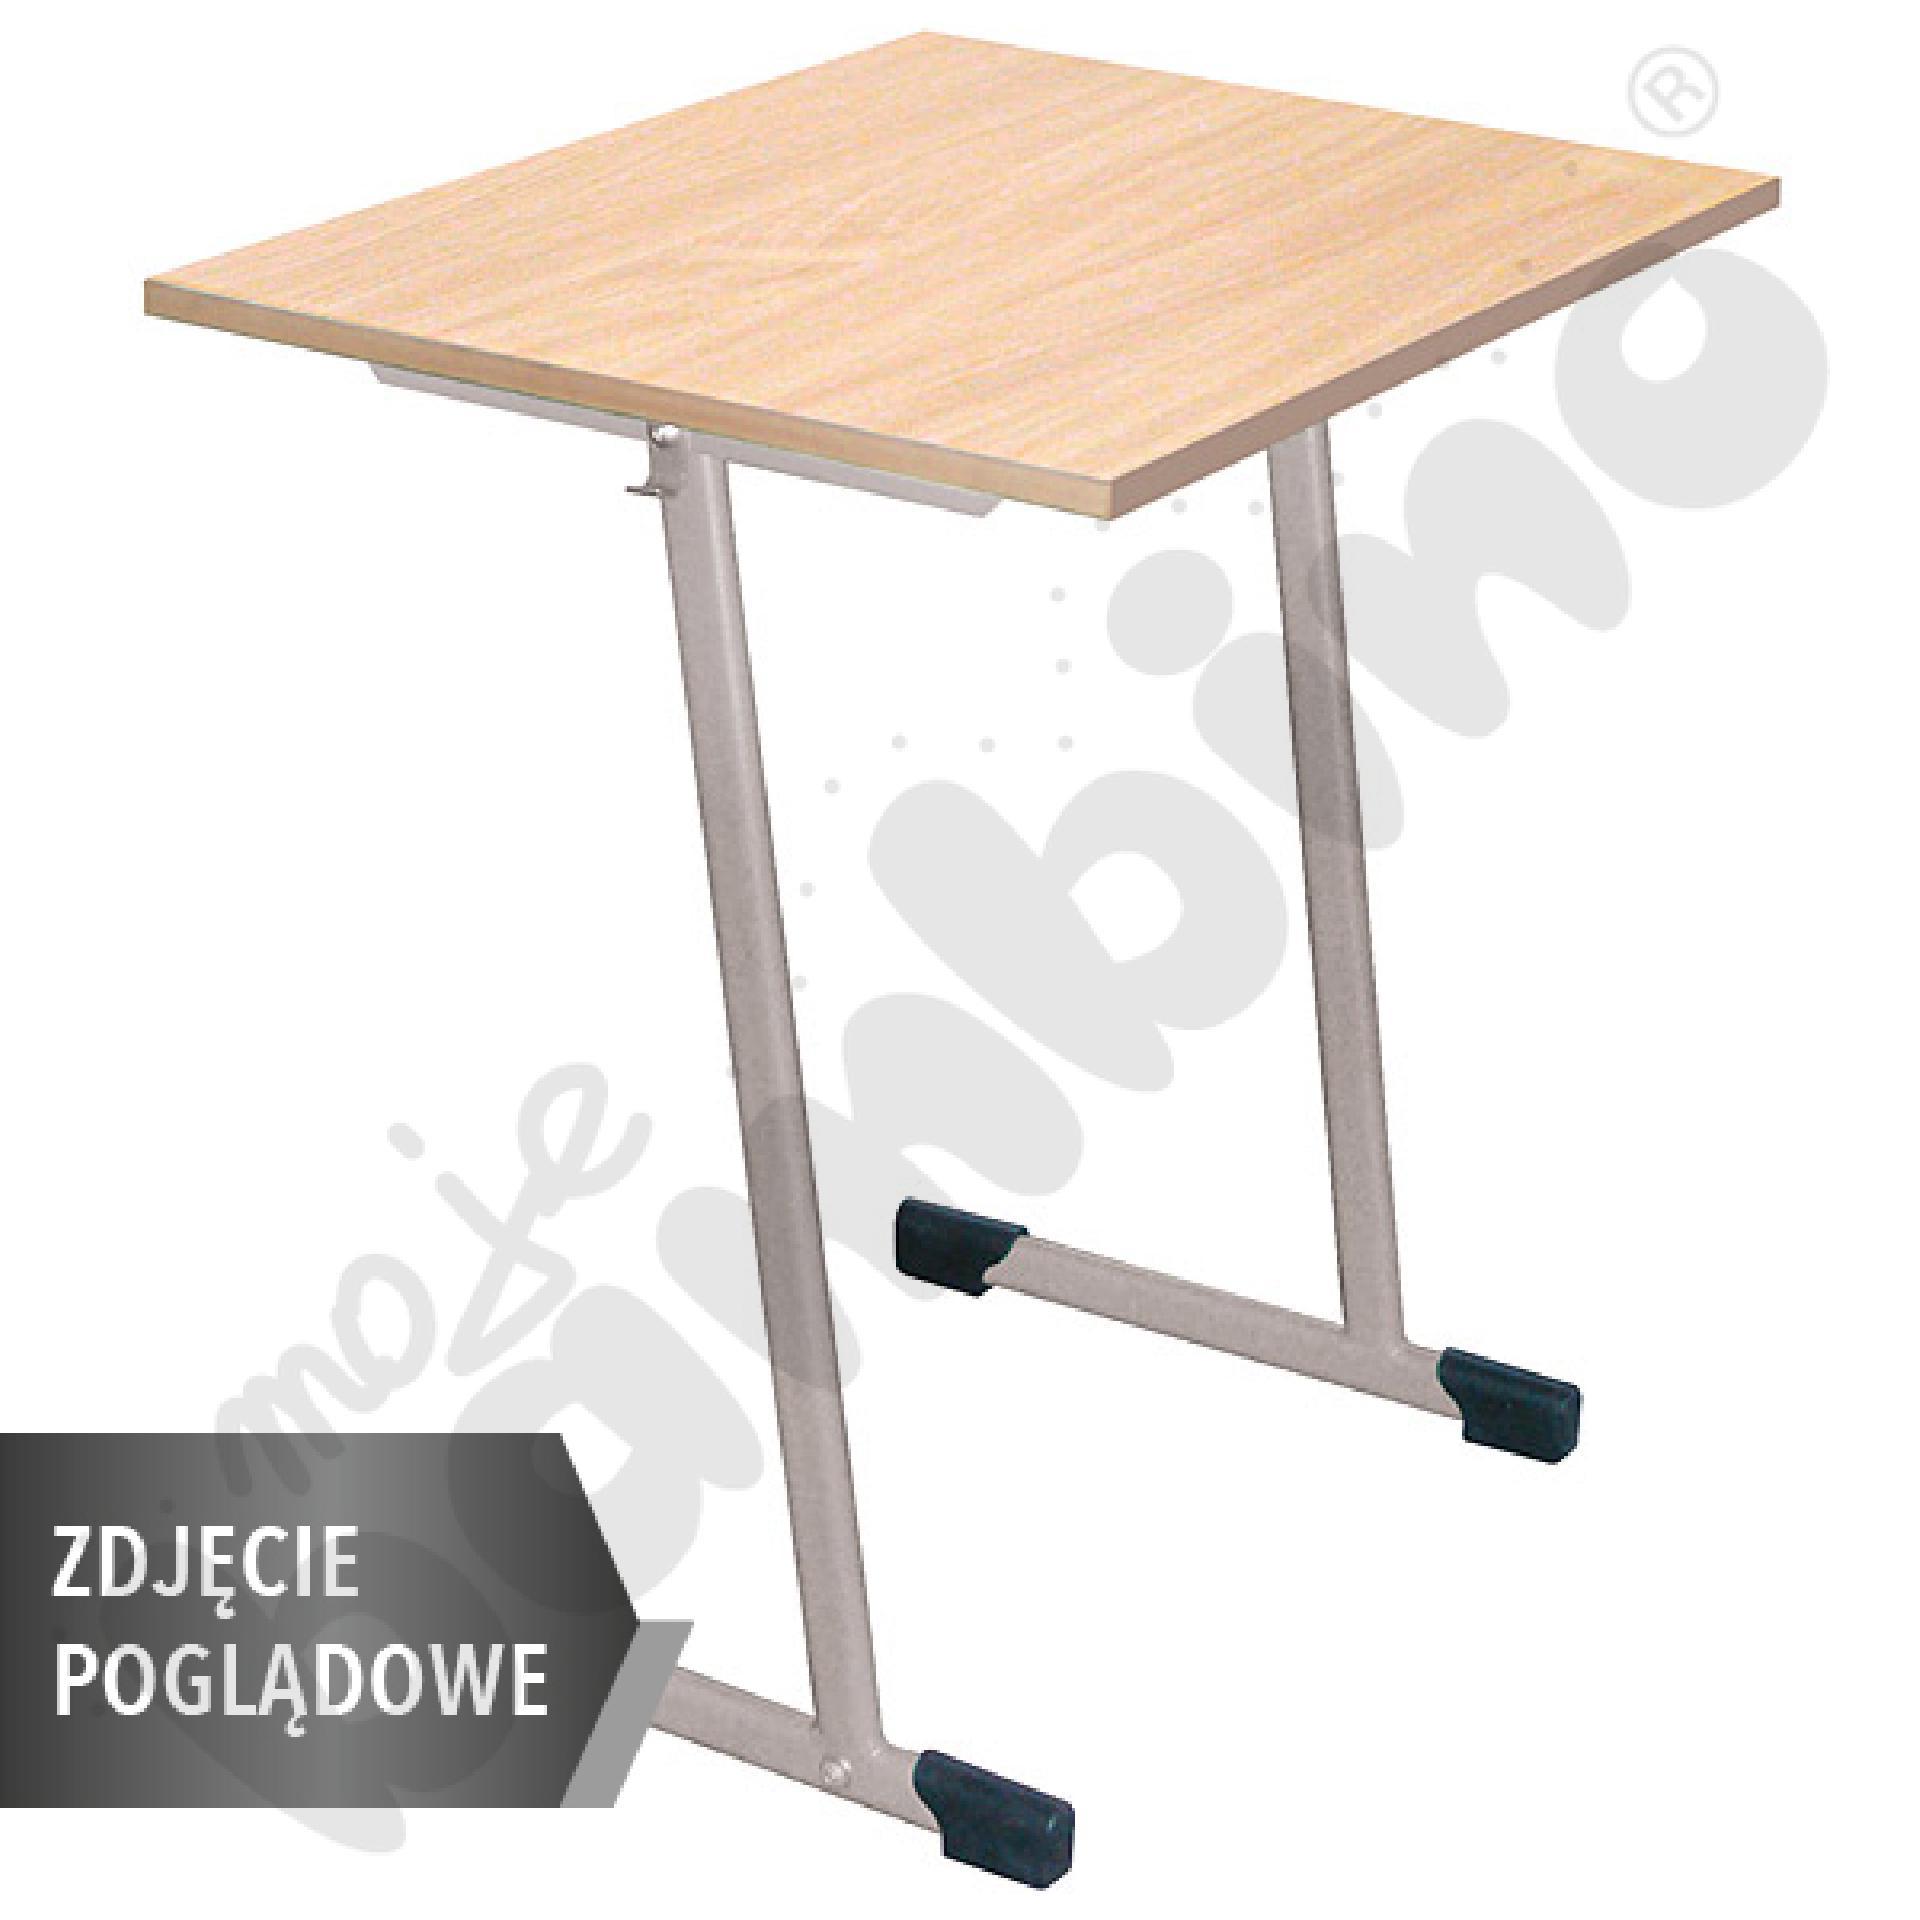 Stół T 70 x 50 rozm. 2-3, 1os., stelaż czerwony, blat HPL biały, obrzeże drewniane, narożniki proste